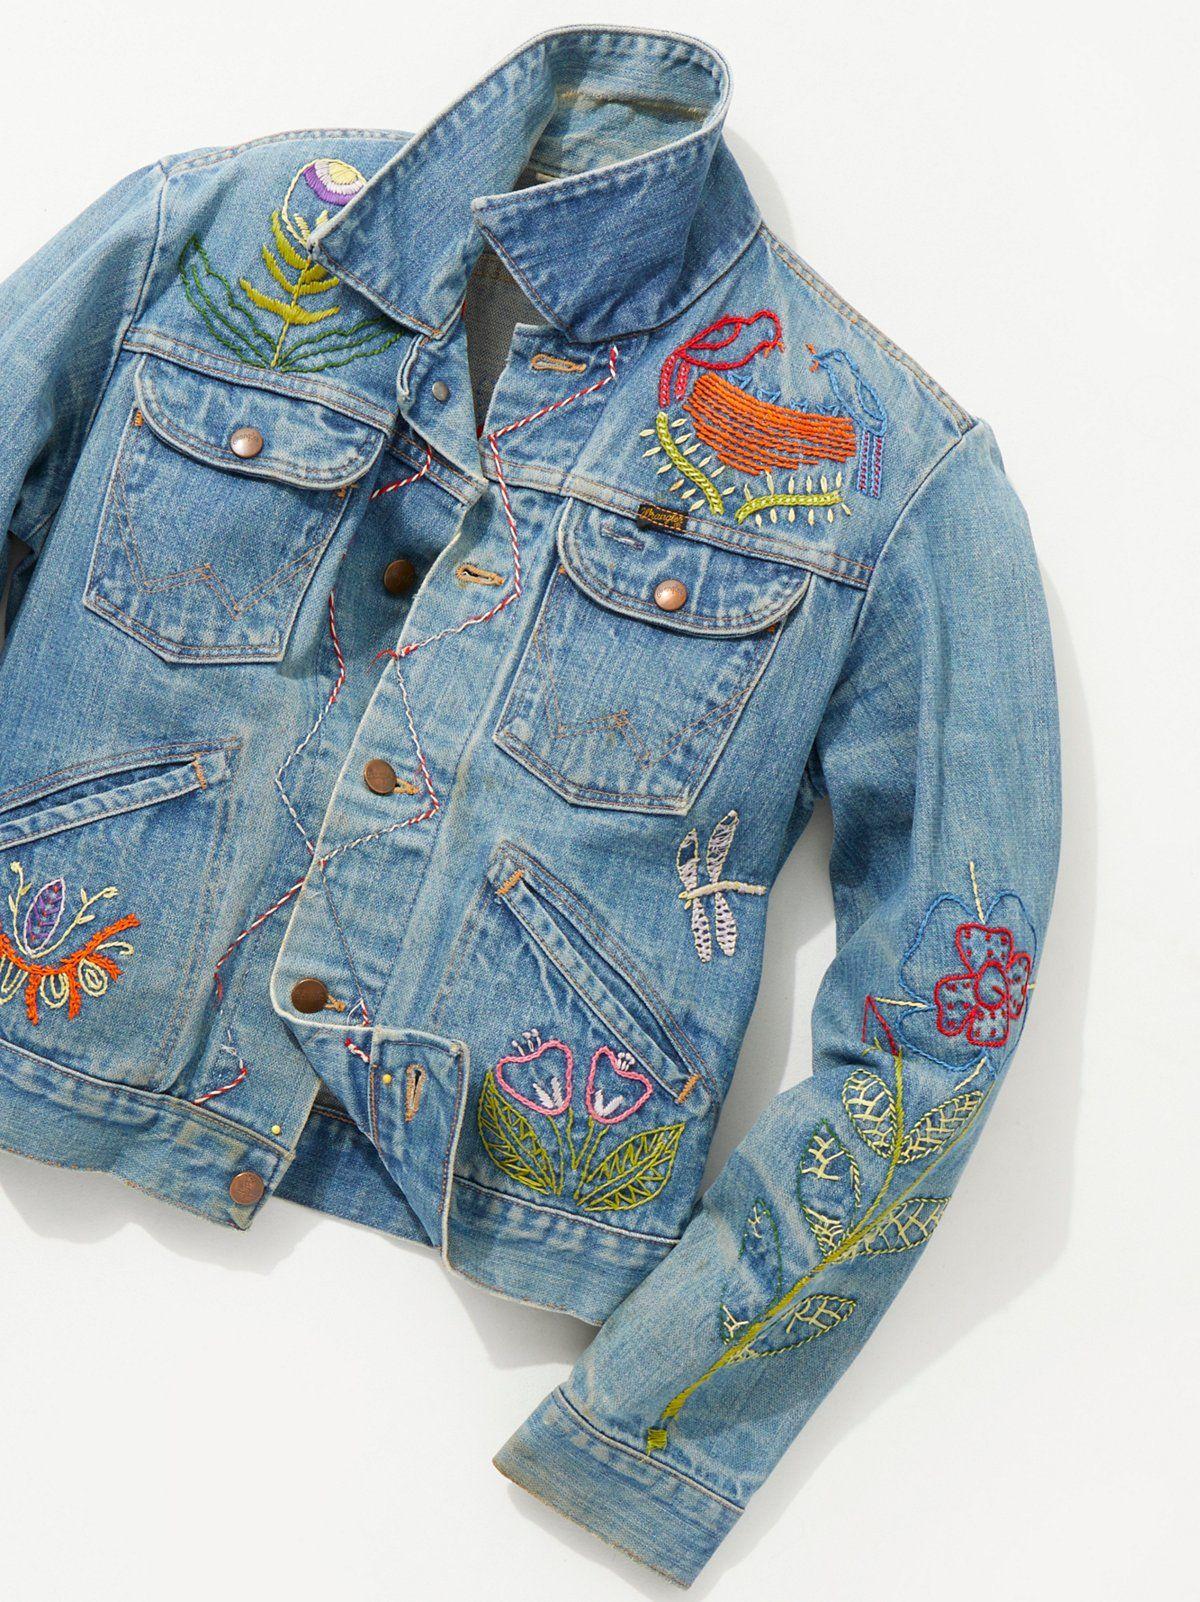 Vintage 1970s Hand Embroidered Denim Jacket | Embroidered denim jacket, Embroidered  denim jacket vintage, Vintage denim jacket